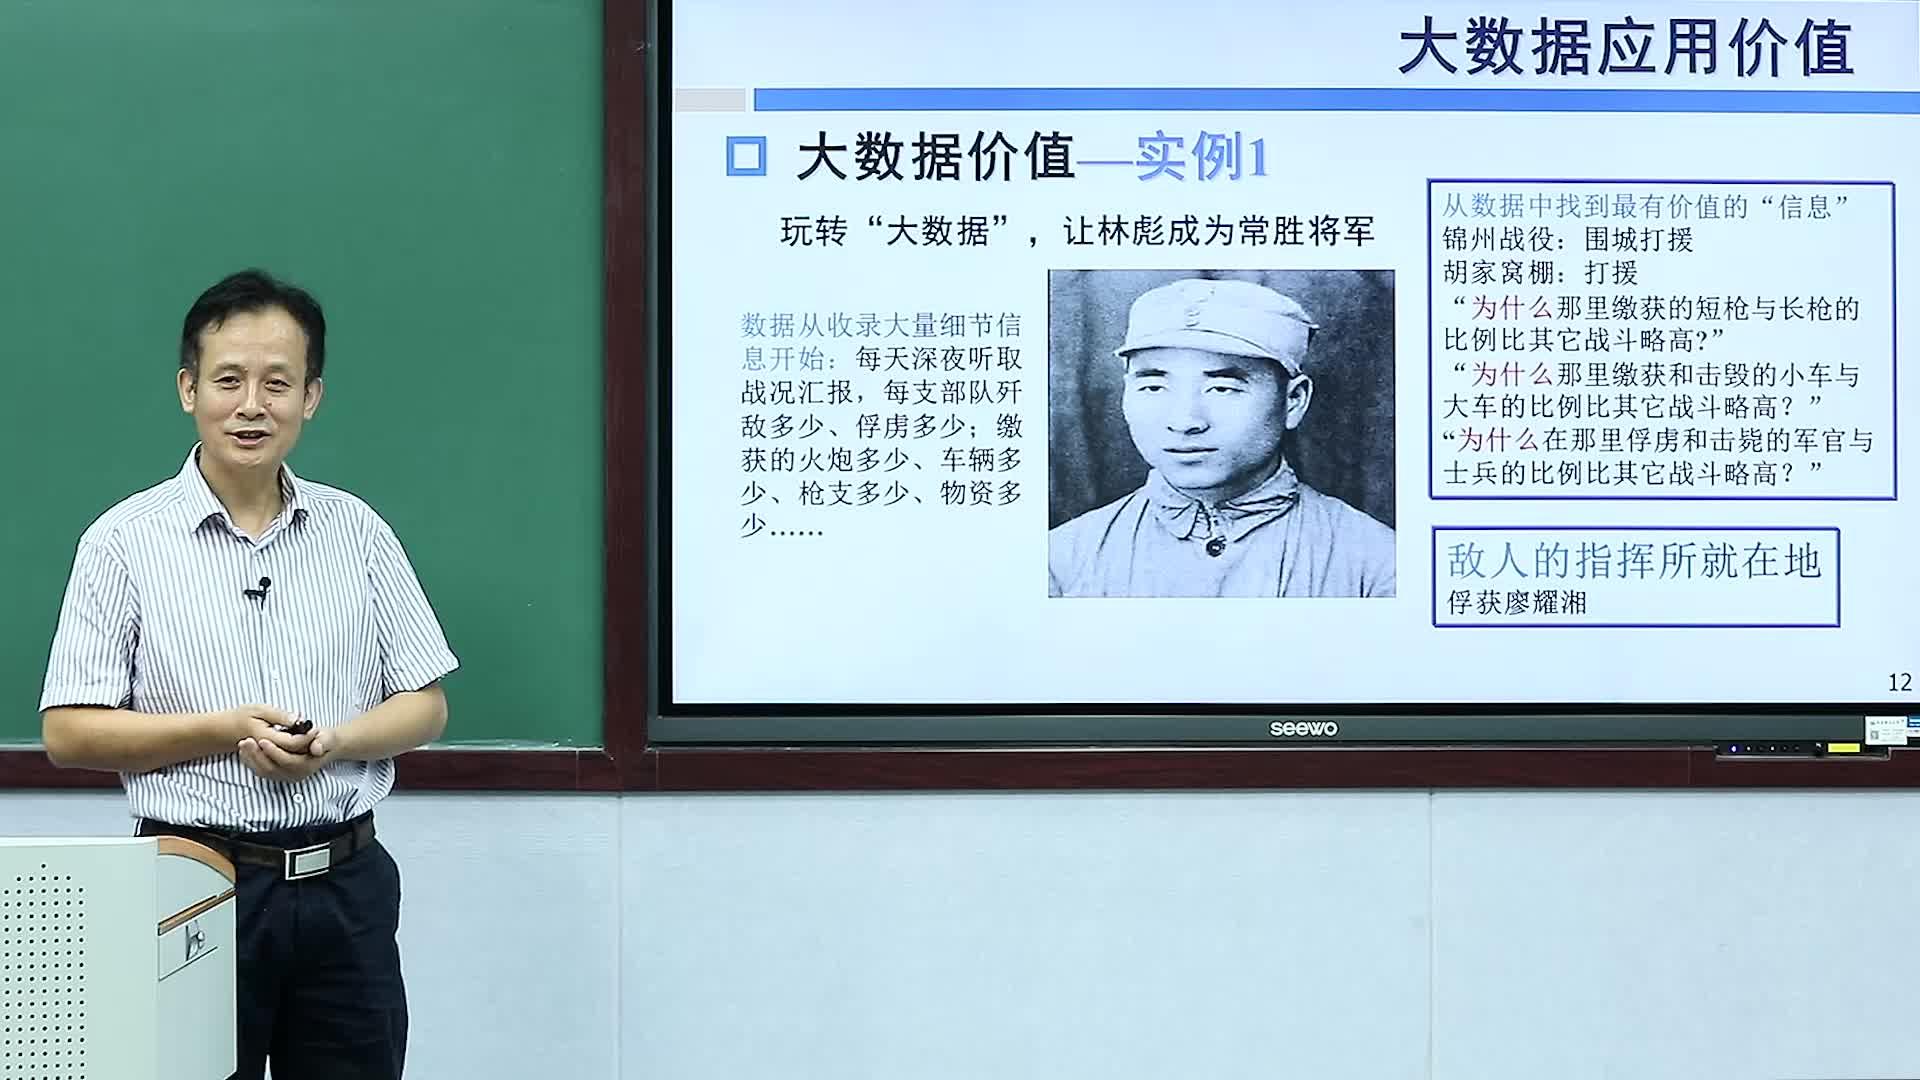 北京理工大学慕课——王国仁:大数据技术引论(二)